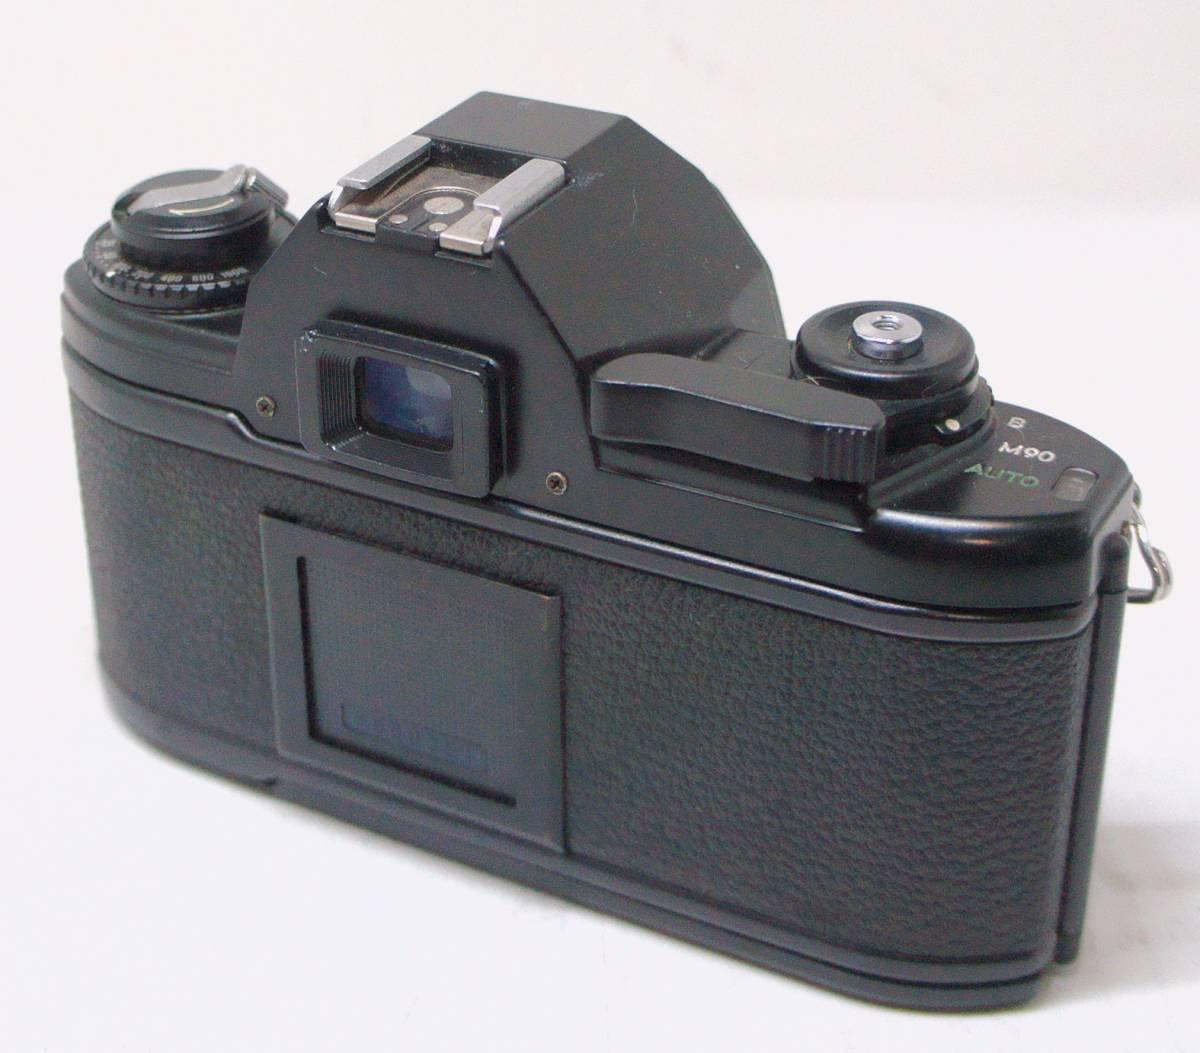 ☆綺麗な外観・送料無料☆ ~フィルムレフ1眼レフカメラ(Fマウント)~ ニコン Nikon EM (A2019D0463)_画像5